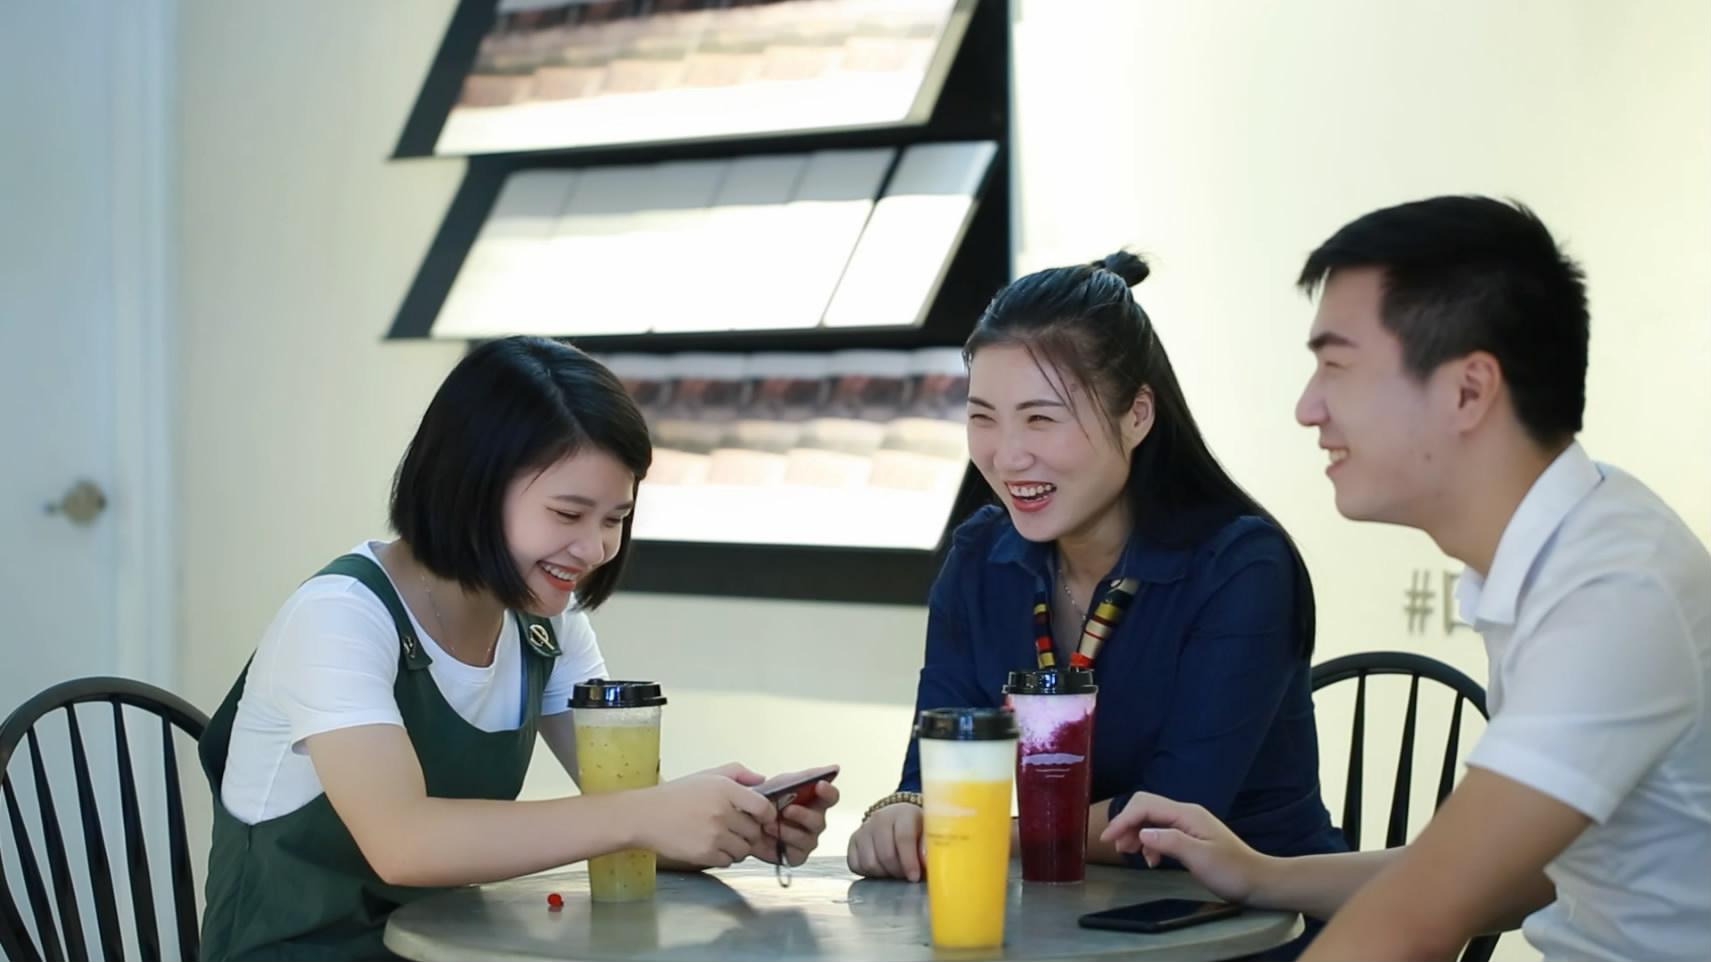 健康又时尚,芝士客皇茶授权店成为消费者最喜爱的去处